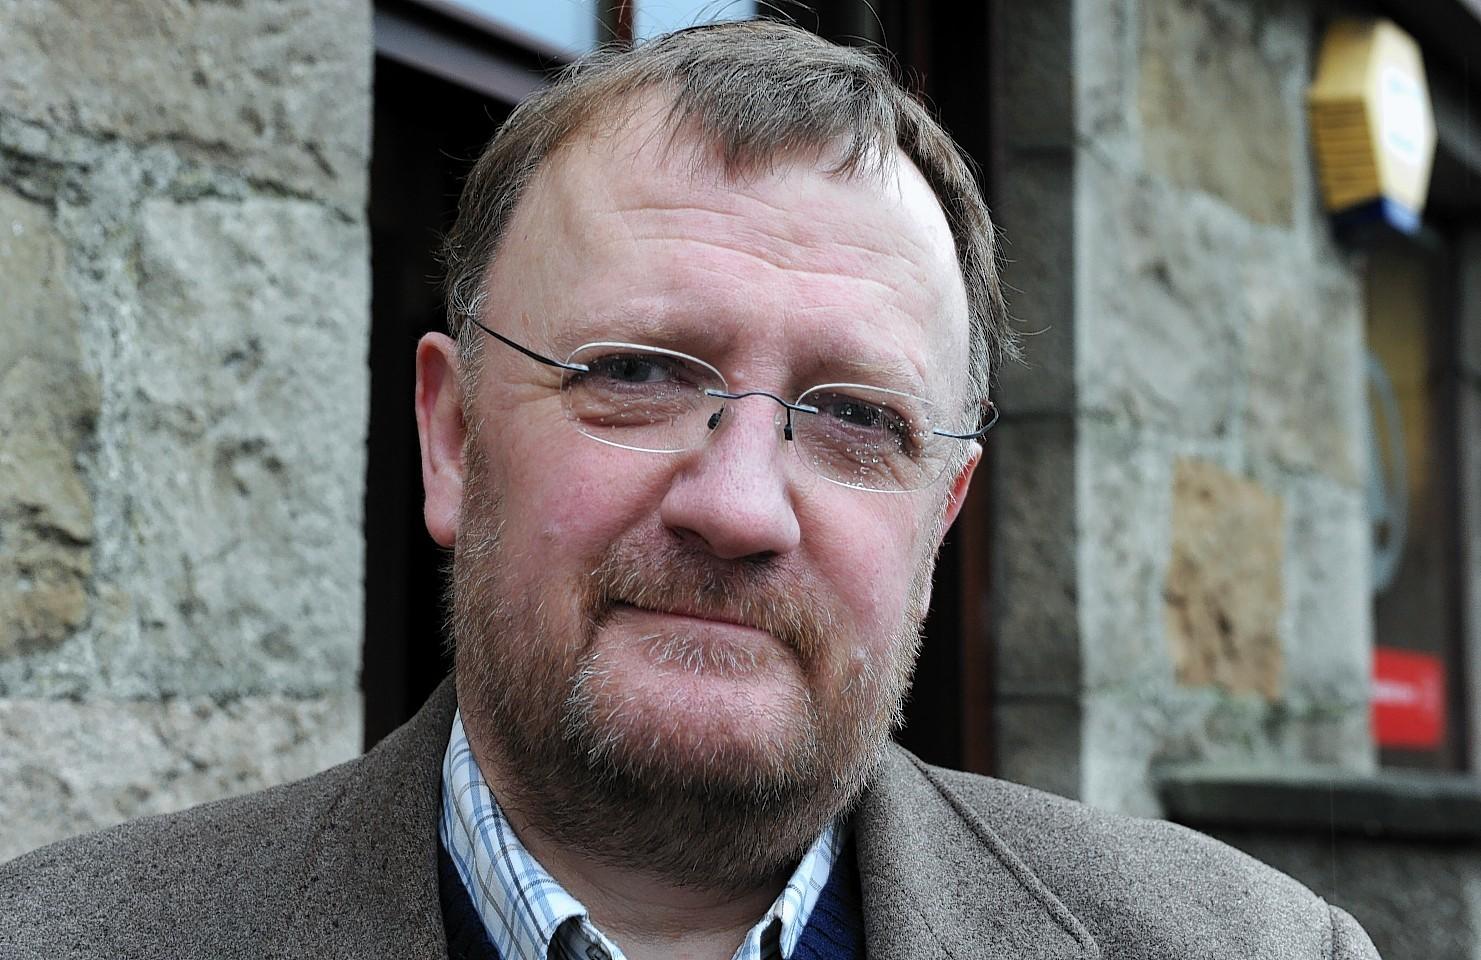 Councillor Paul Johnston